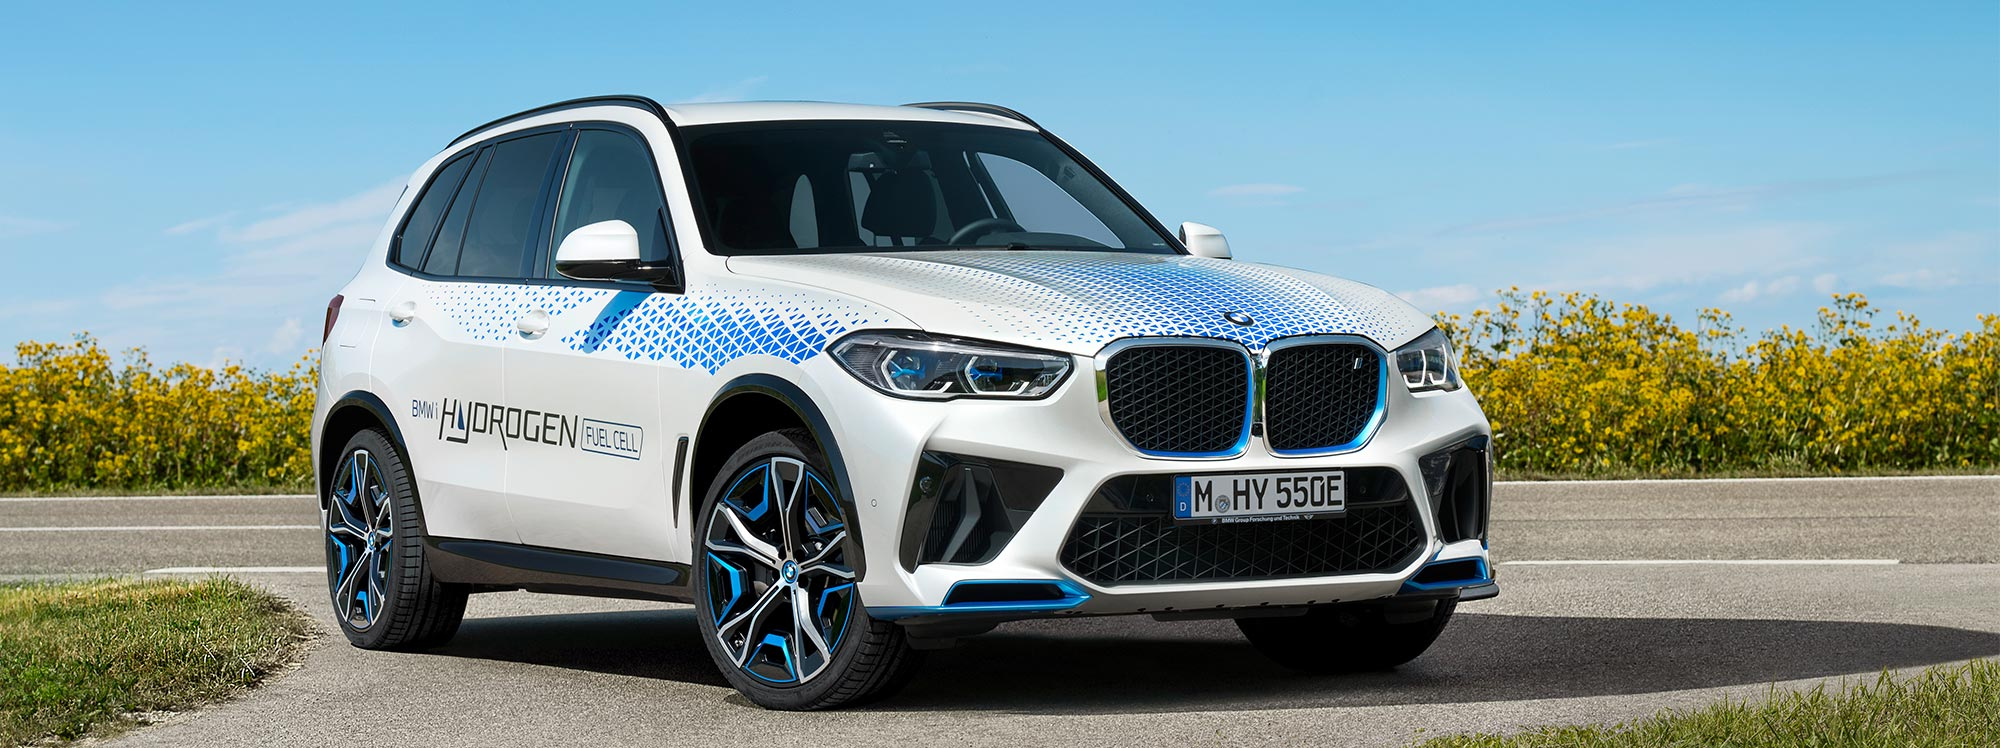 BMW: Señal de arranque para la movilidad sin CO2